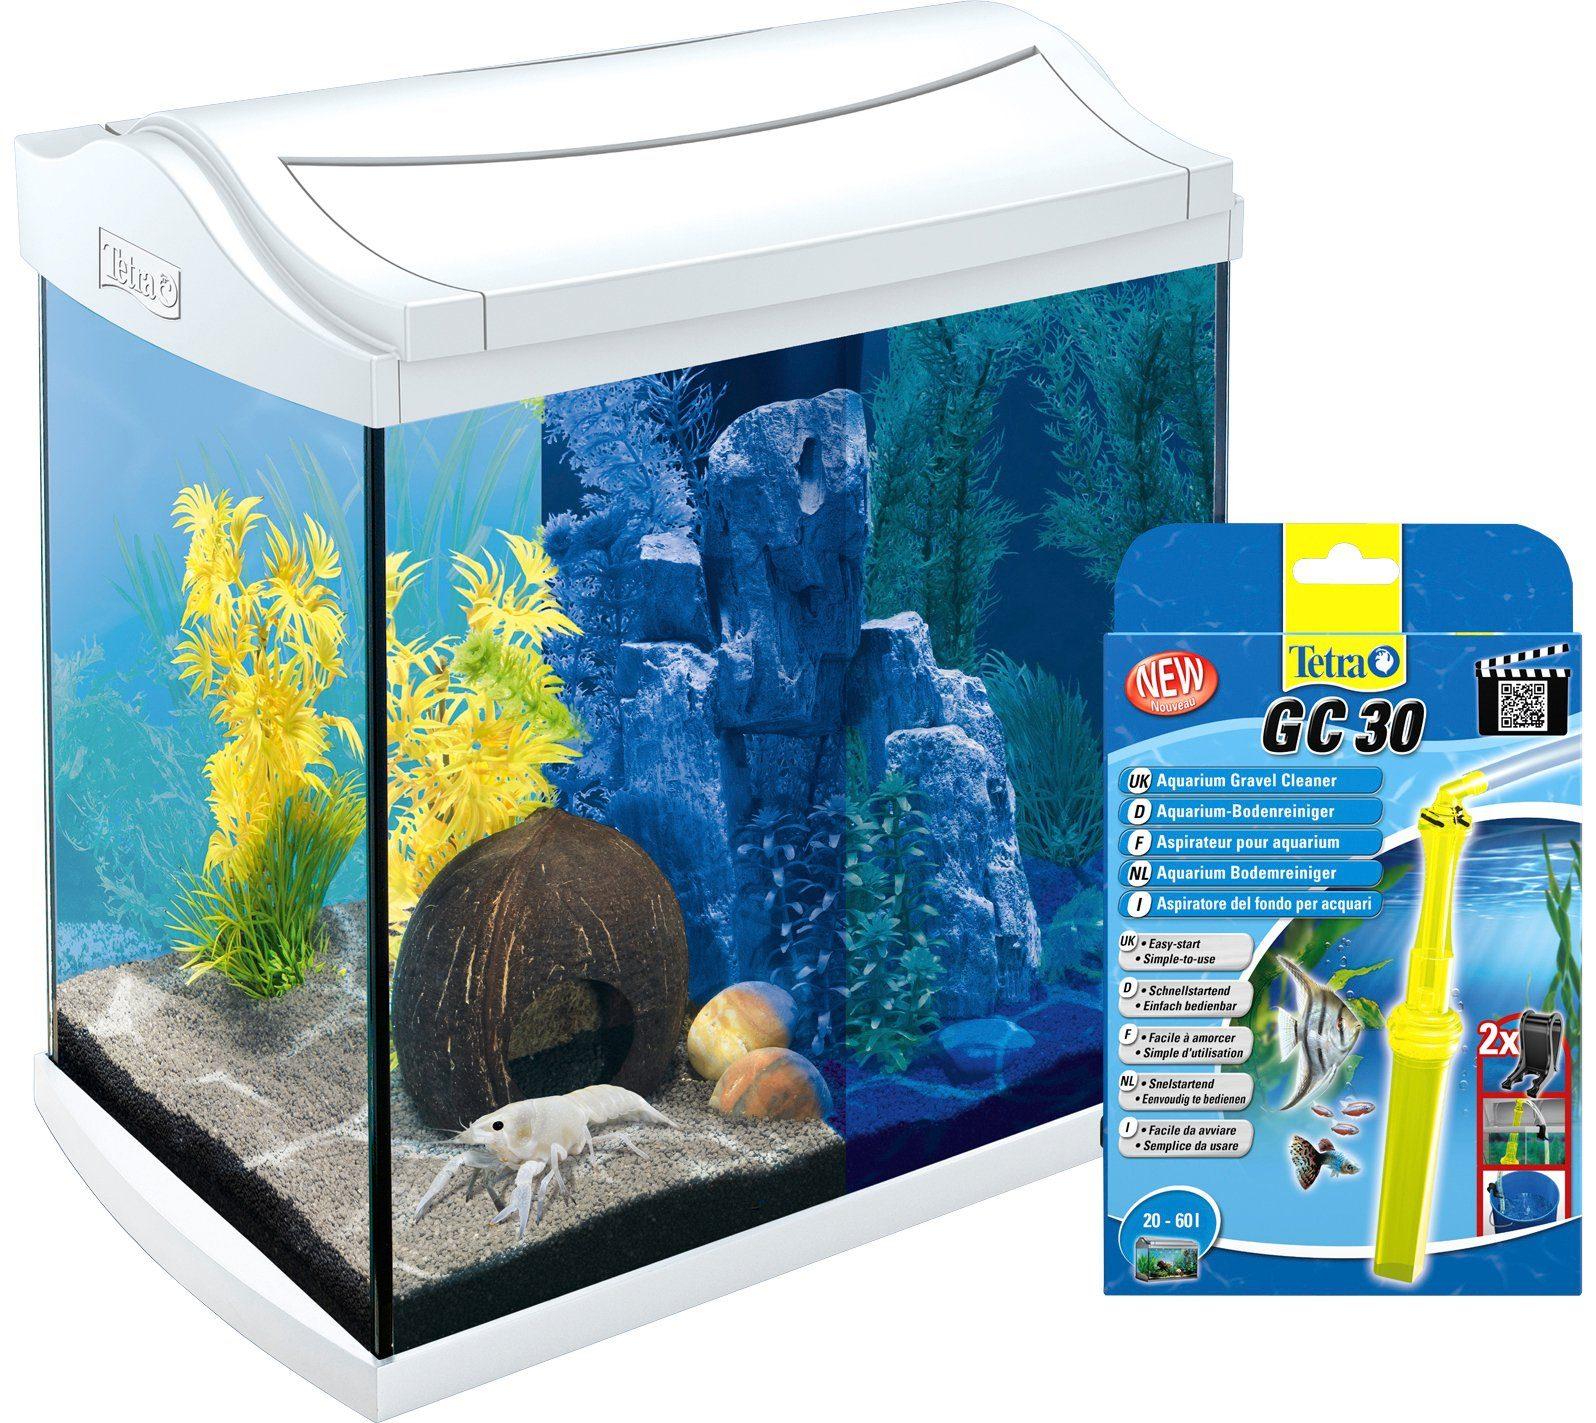 TETRA Aquarien-Set »AquaArt LED«, weiß, 30 Liter, inkl. GC 30 Bodenreiniger